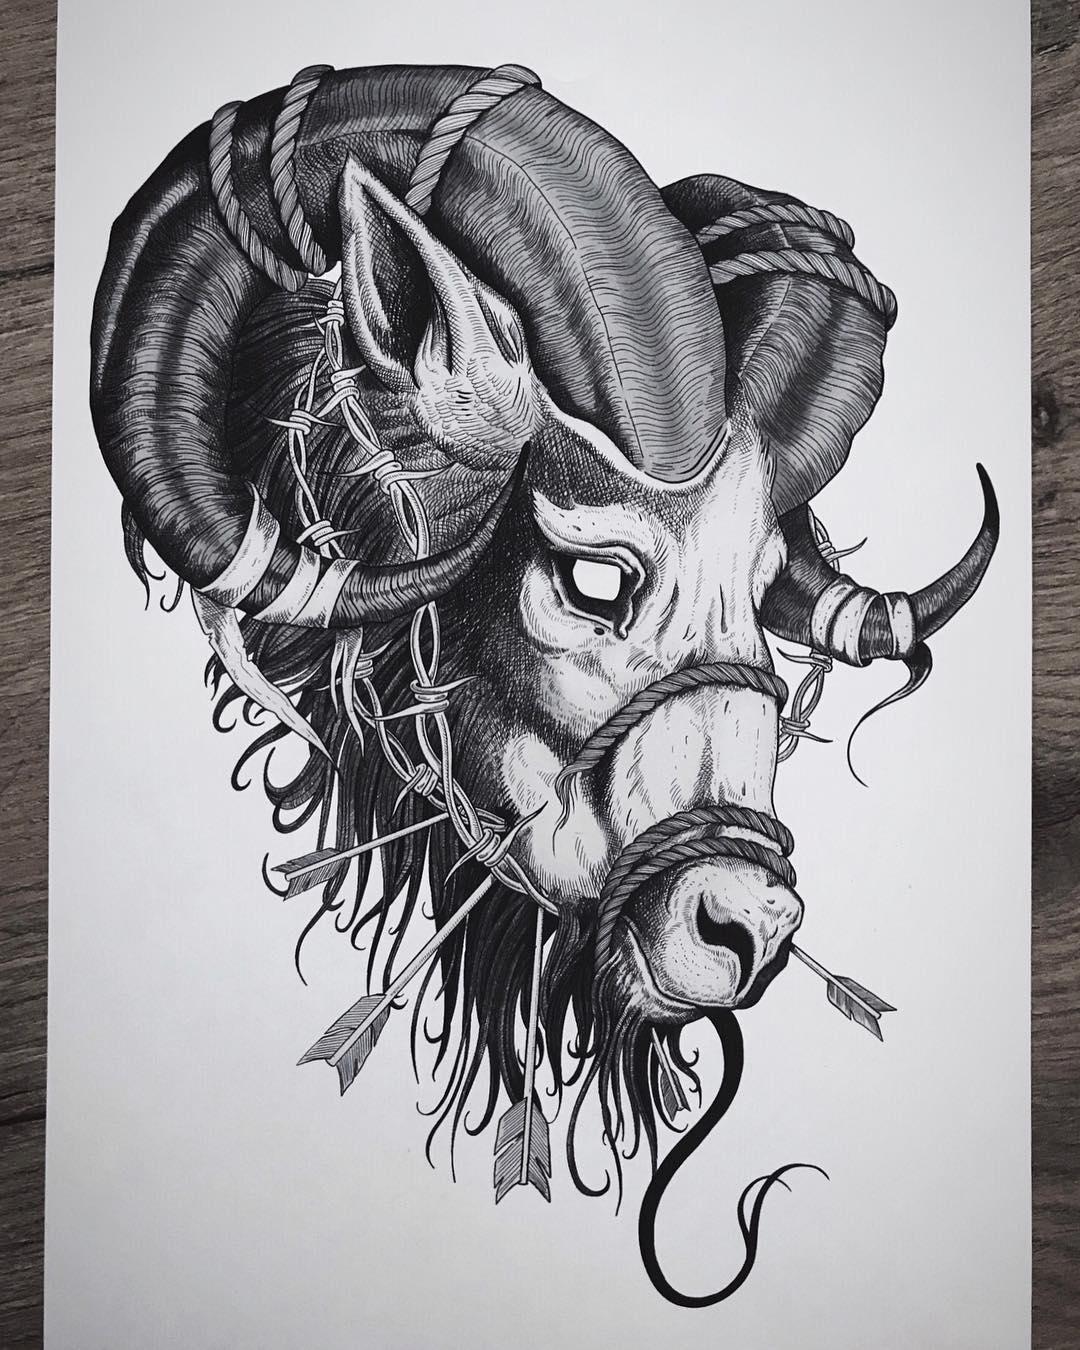 Эскиз Татуировки Раненый Овен